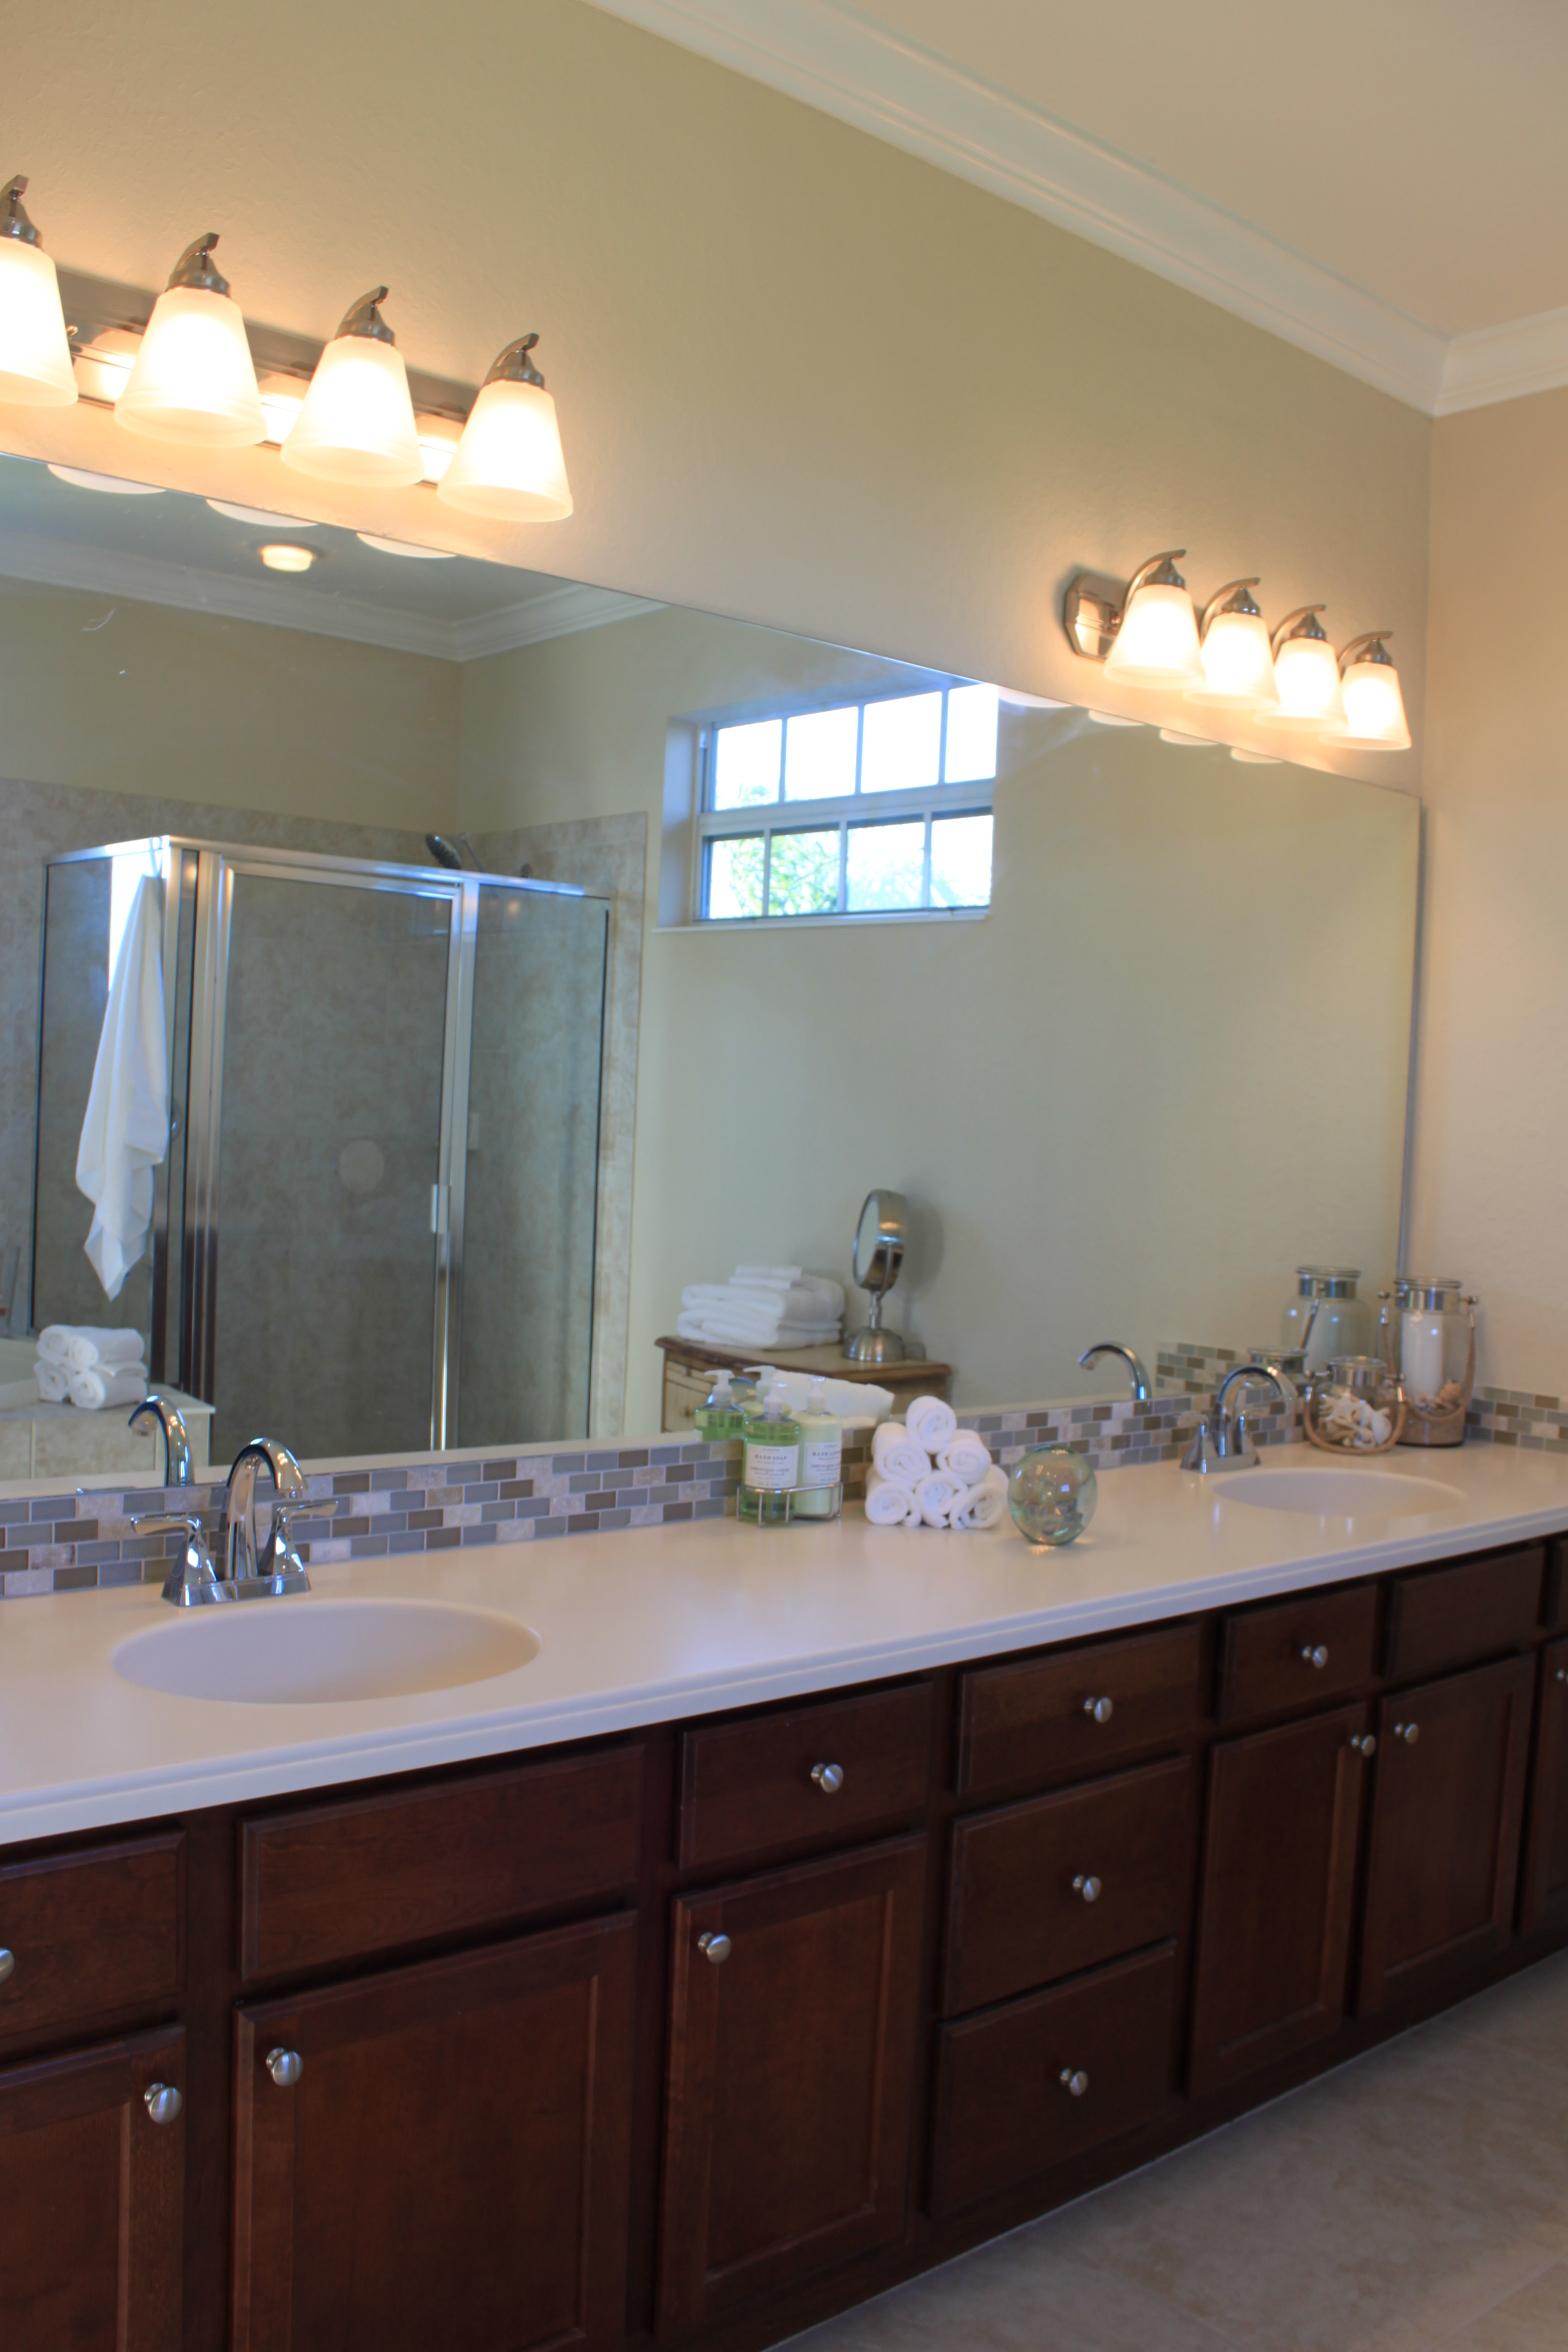 Tiled Backsplash on Bathroom Vanity